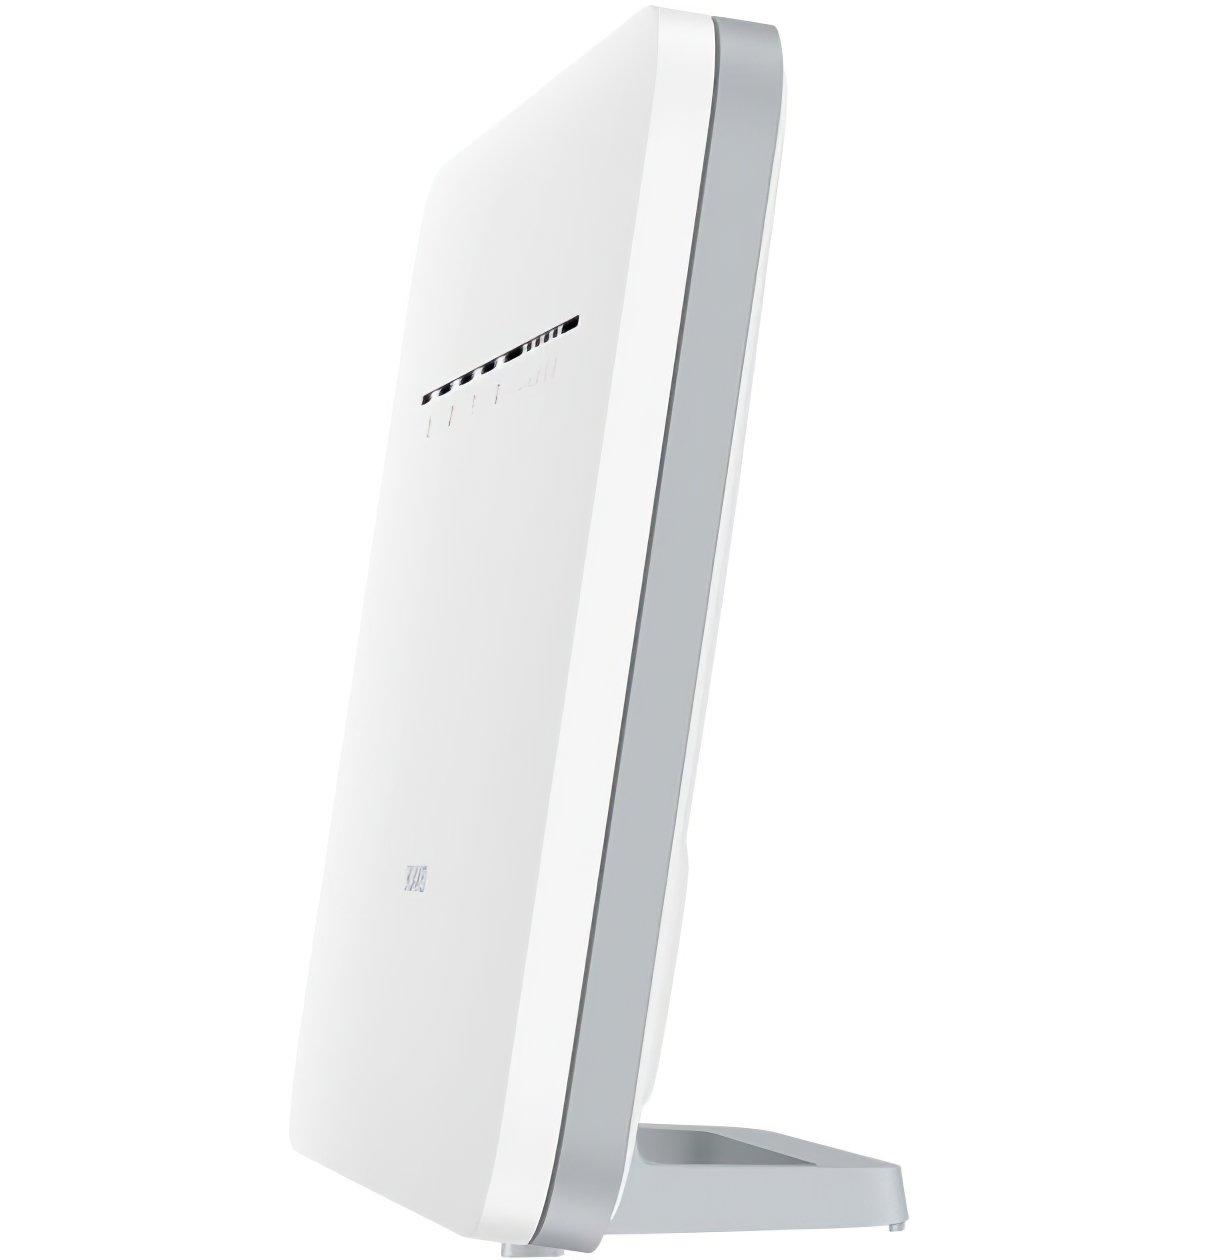 Роутер HUAWEI B535-232 4G WiFi White фото8